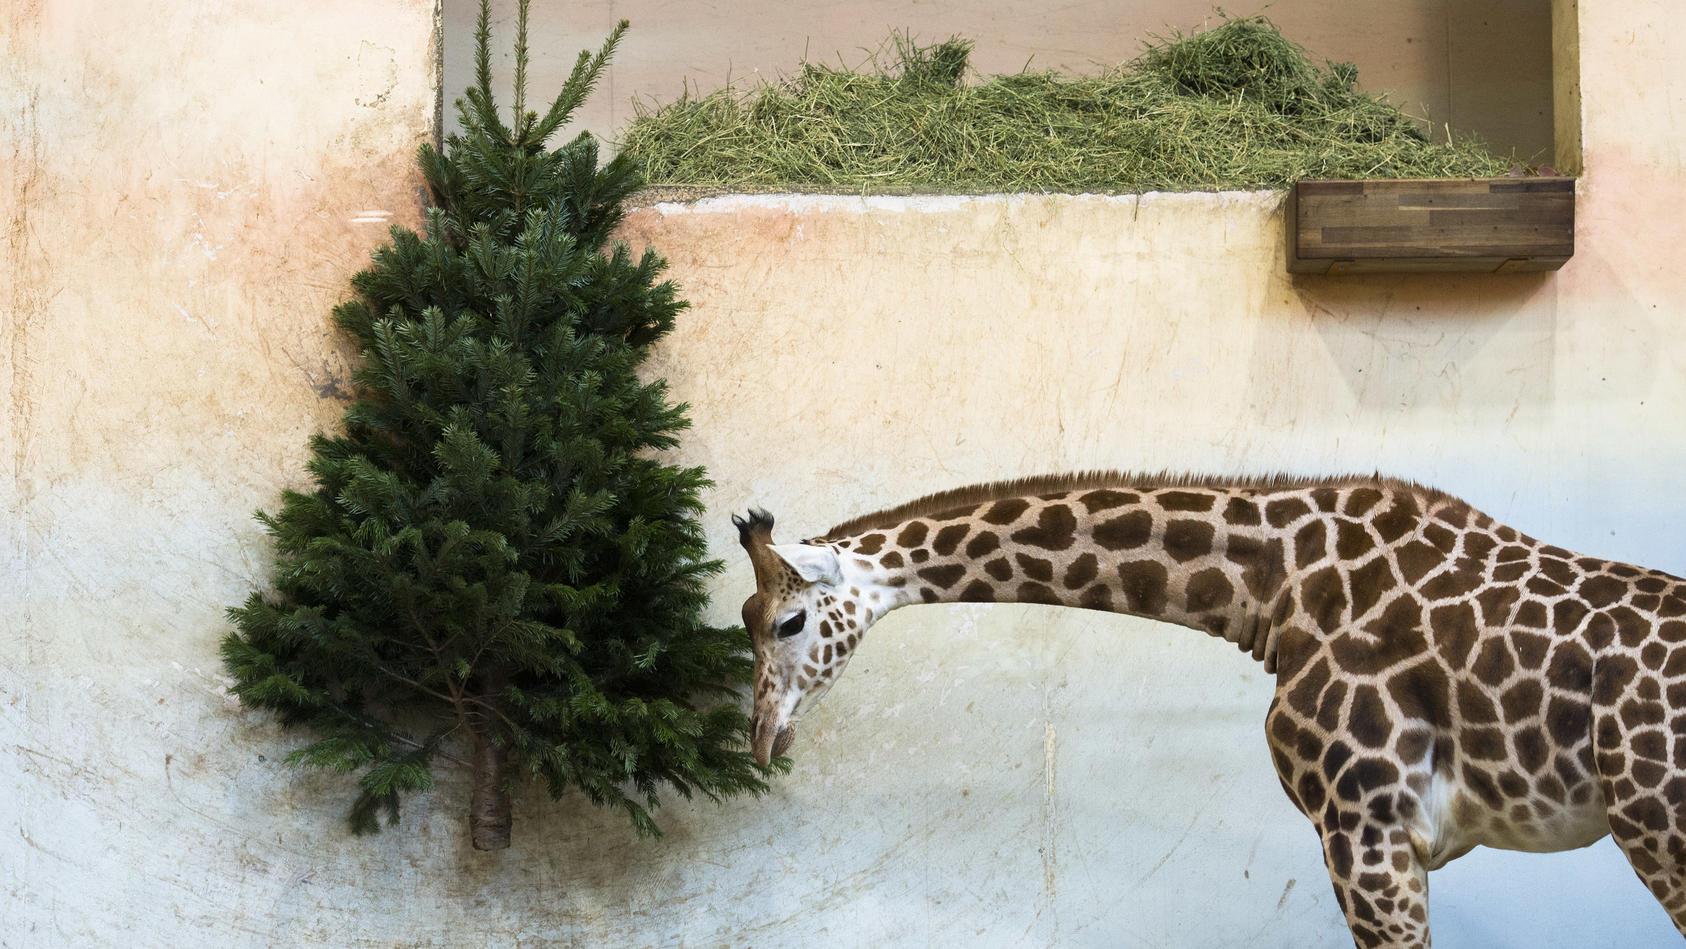 Weihnachtsbaum einfach entsorgen? Wir haben bessere Ideen!